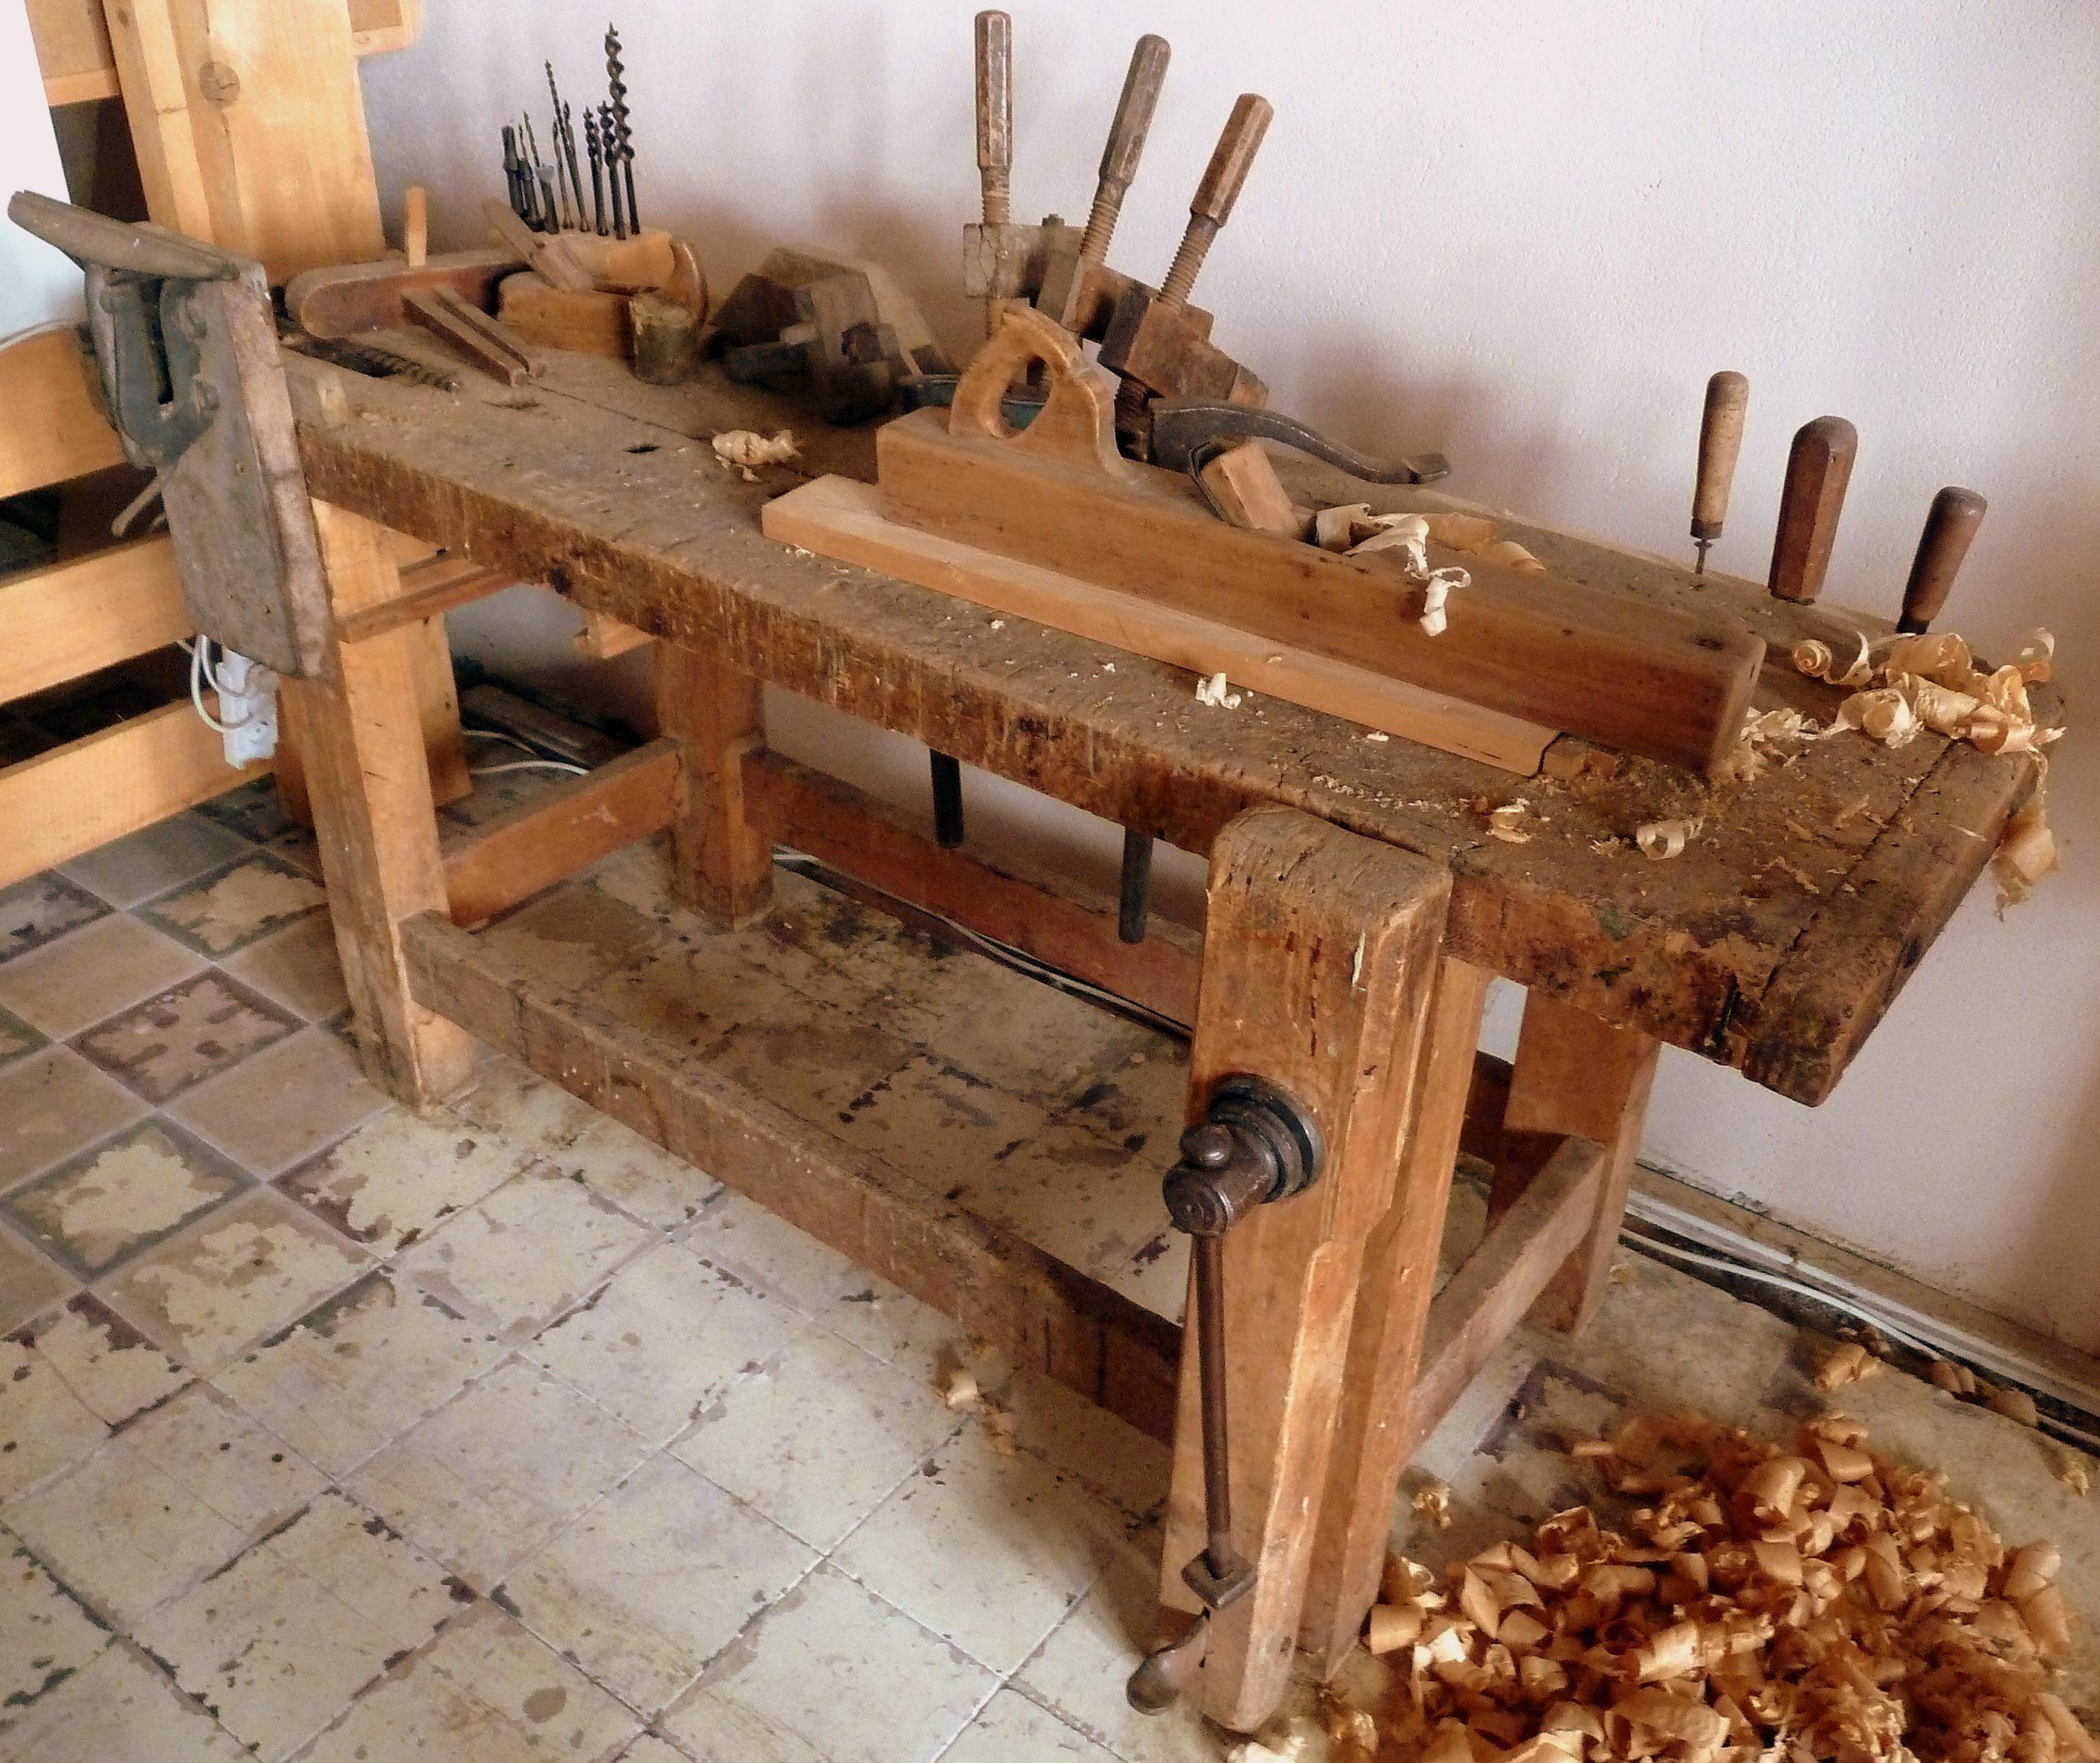 Quels critères de sélection pour choisir un bon artisan menuisier ?